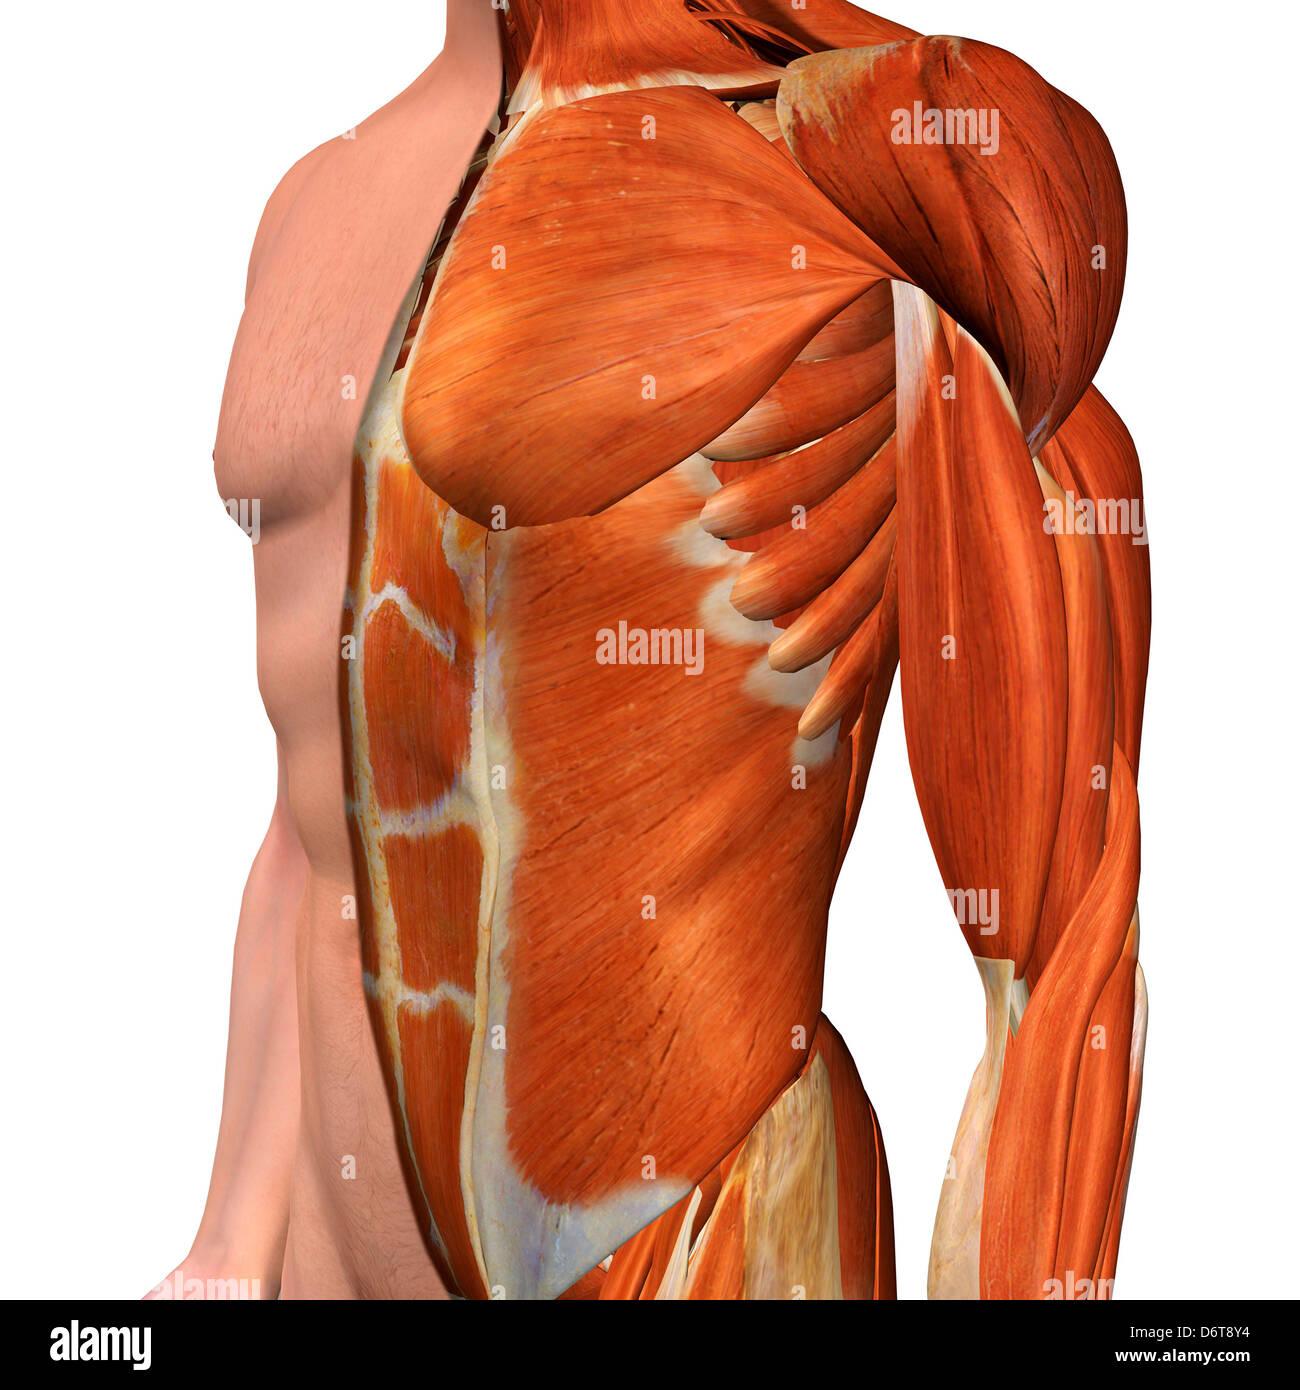 Sección cruzada masculina Anatomía del tórax, el abdomen y la ingle ...